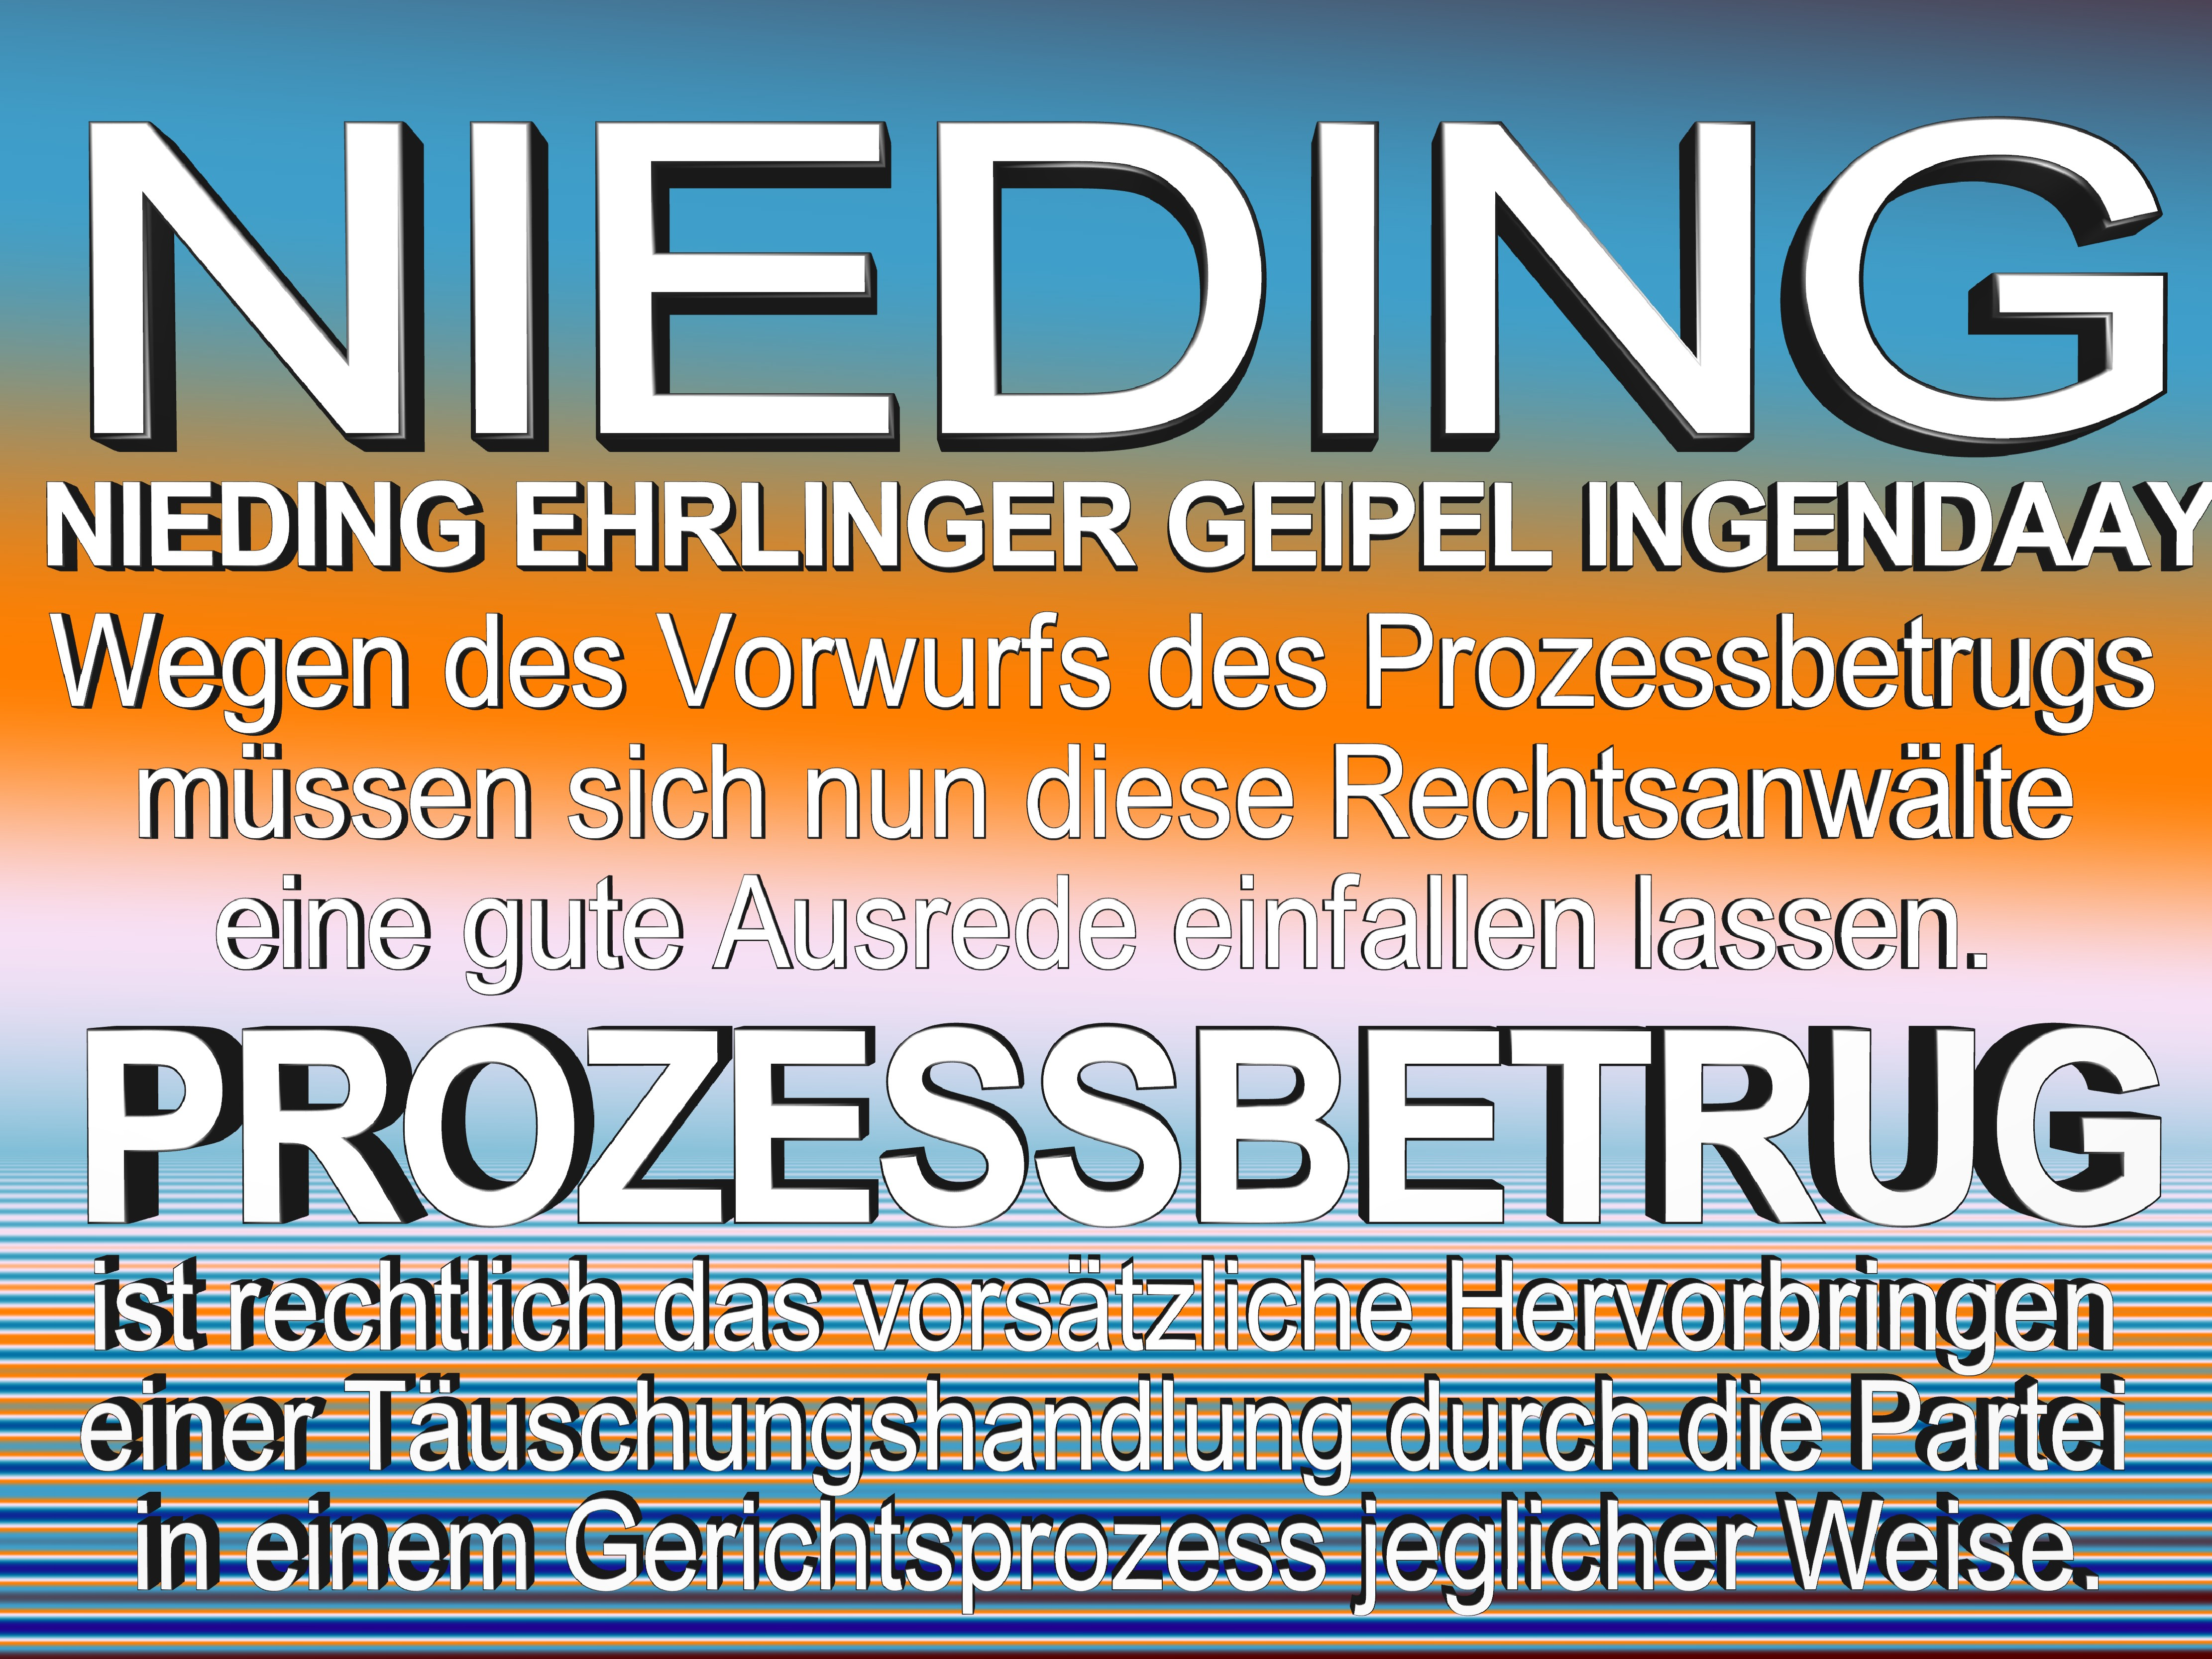 NIEDING EHRLINGER GEIPEL INGENDAAY LELKE Kurfürstendamm 66 Berlin (64)